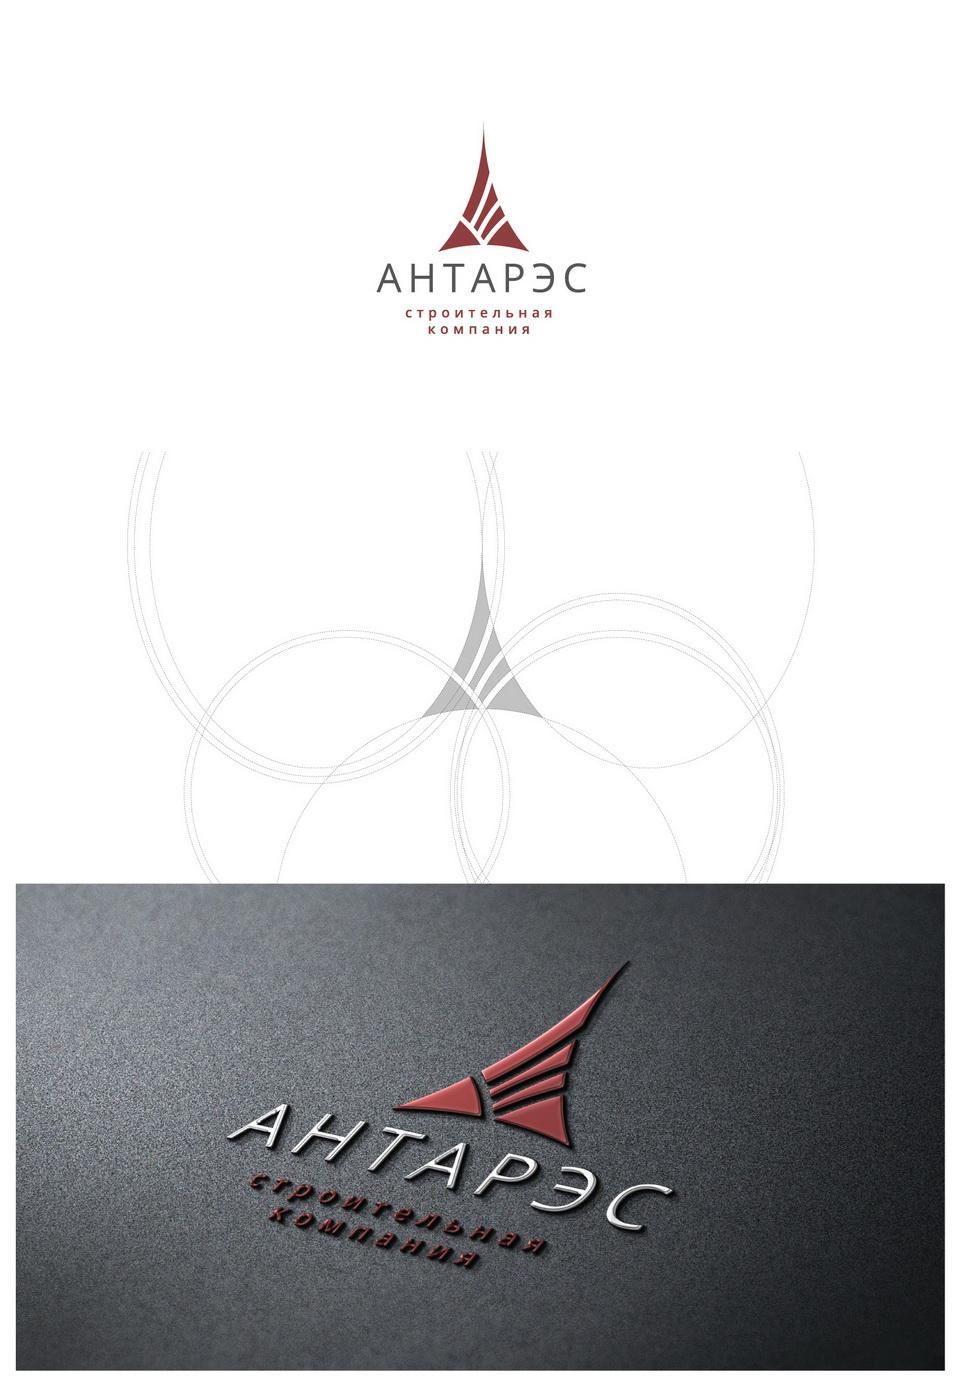 Знак, логотип, строительная компания, АНТАРЭС